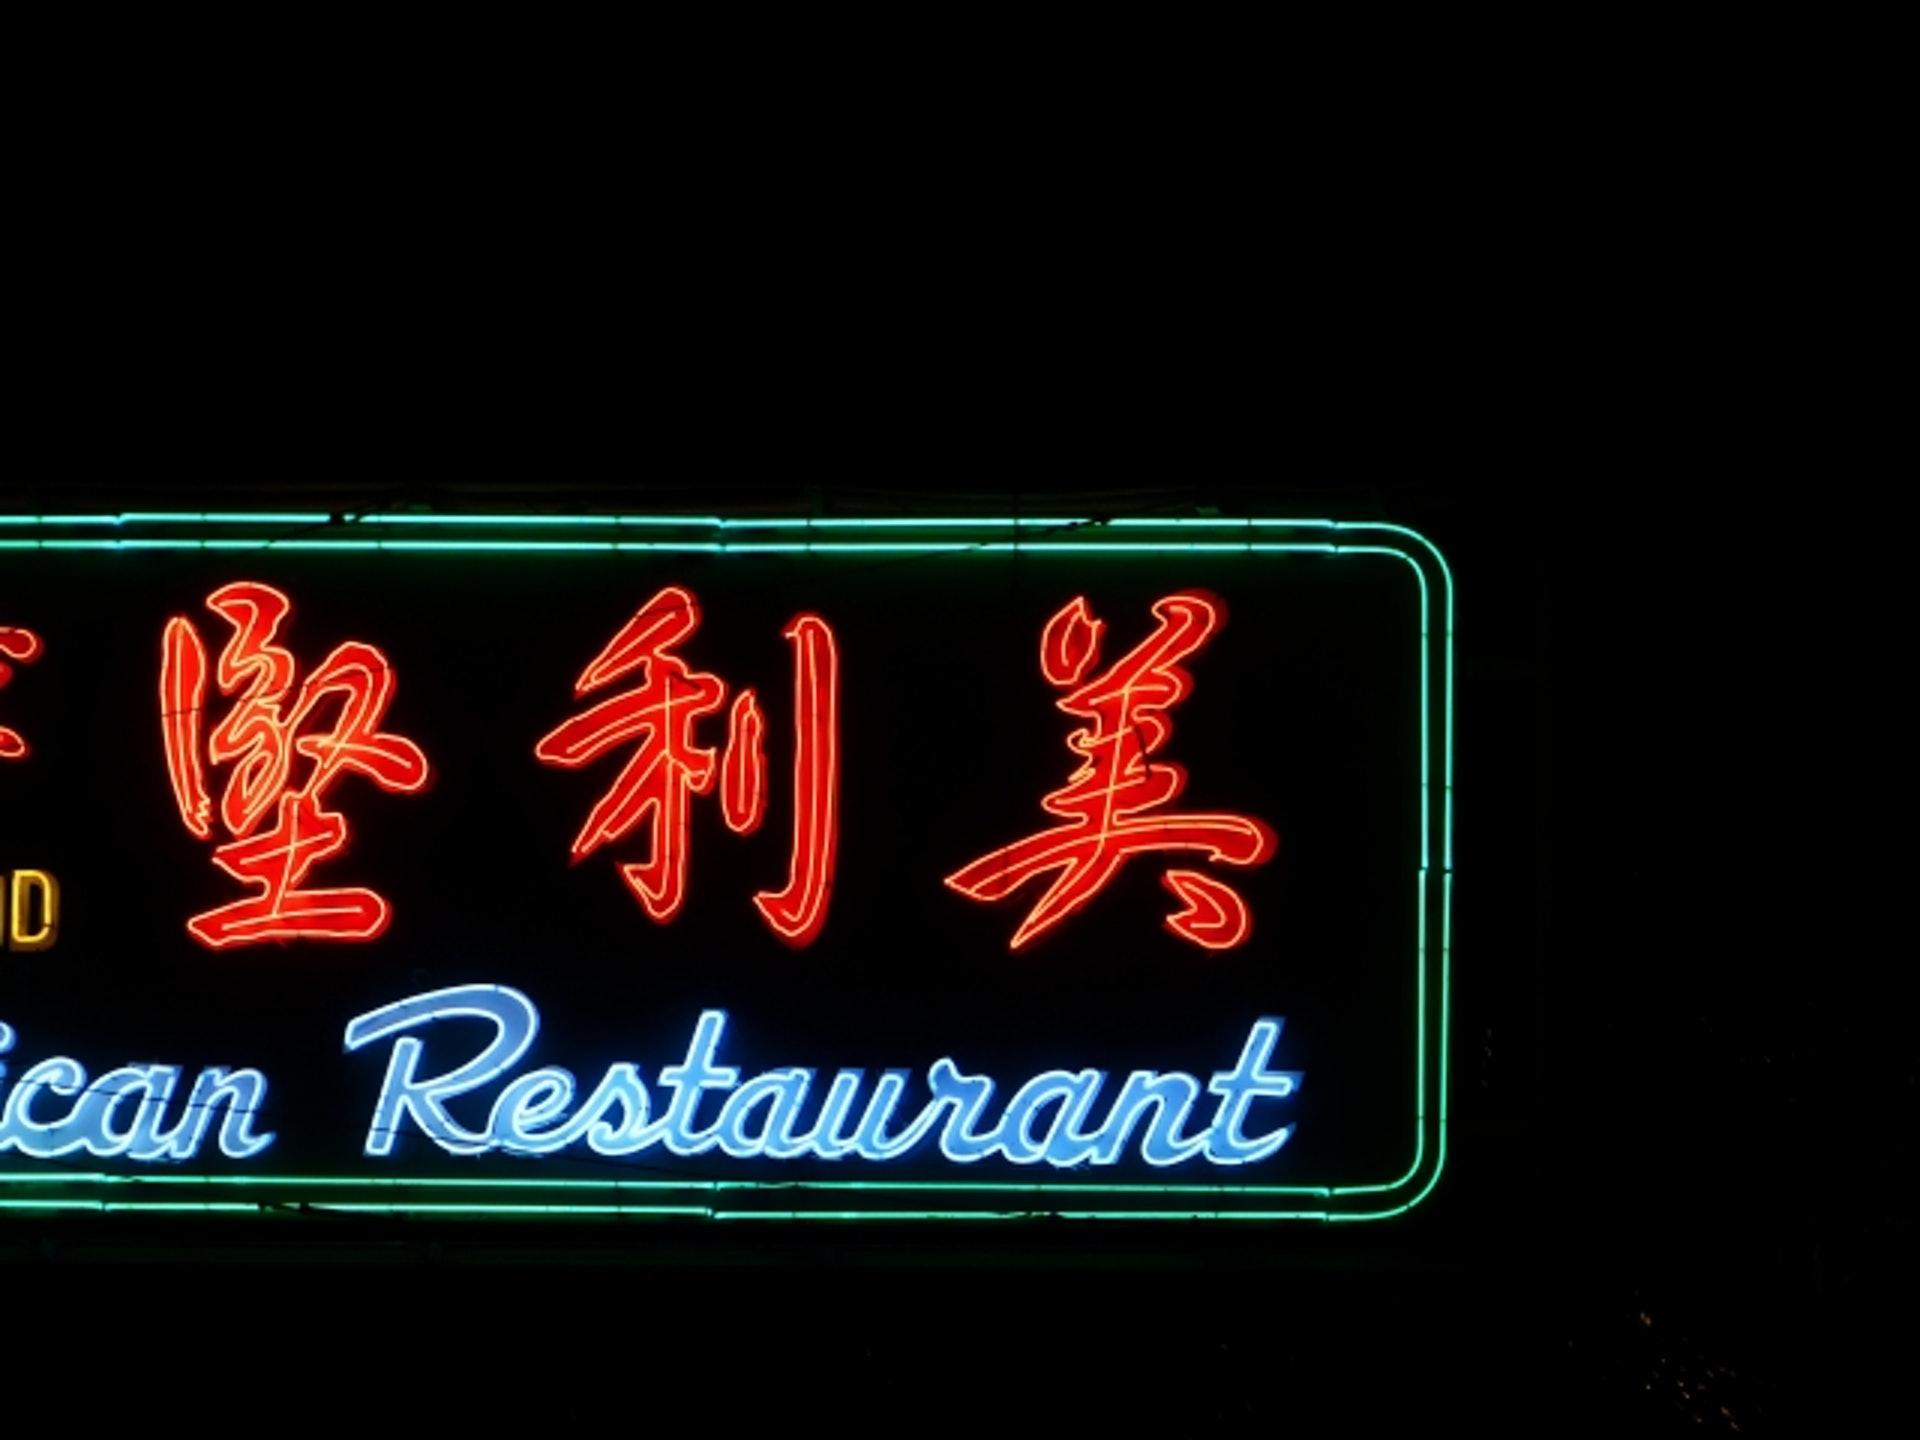 西九文化區M+ 2014年收集公眾人士拍攝的香港霓虹招牌相片,舉辦互動網上展覽。當中不少參加者拍下美利堅這招牌,形容如灣仔地標。(來源︰西九文化區「M+進行: NEONSIGNS.HK探索霓虹」網上相片)